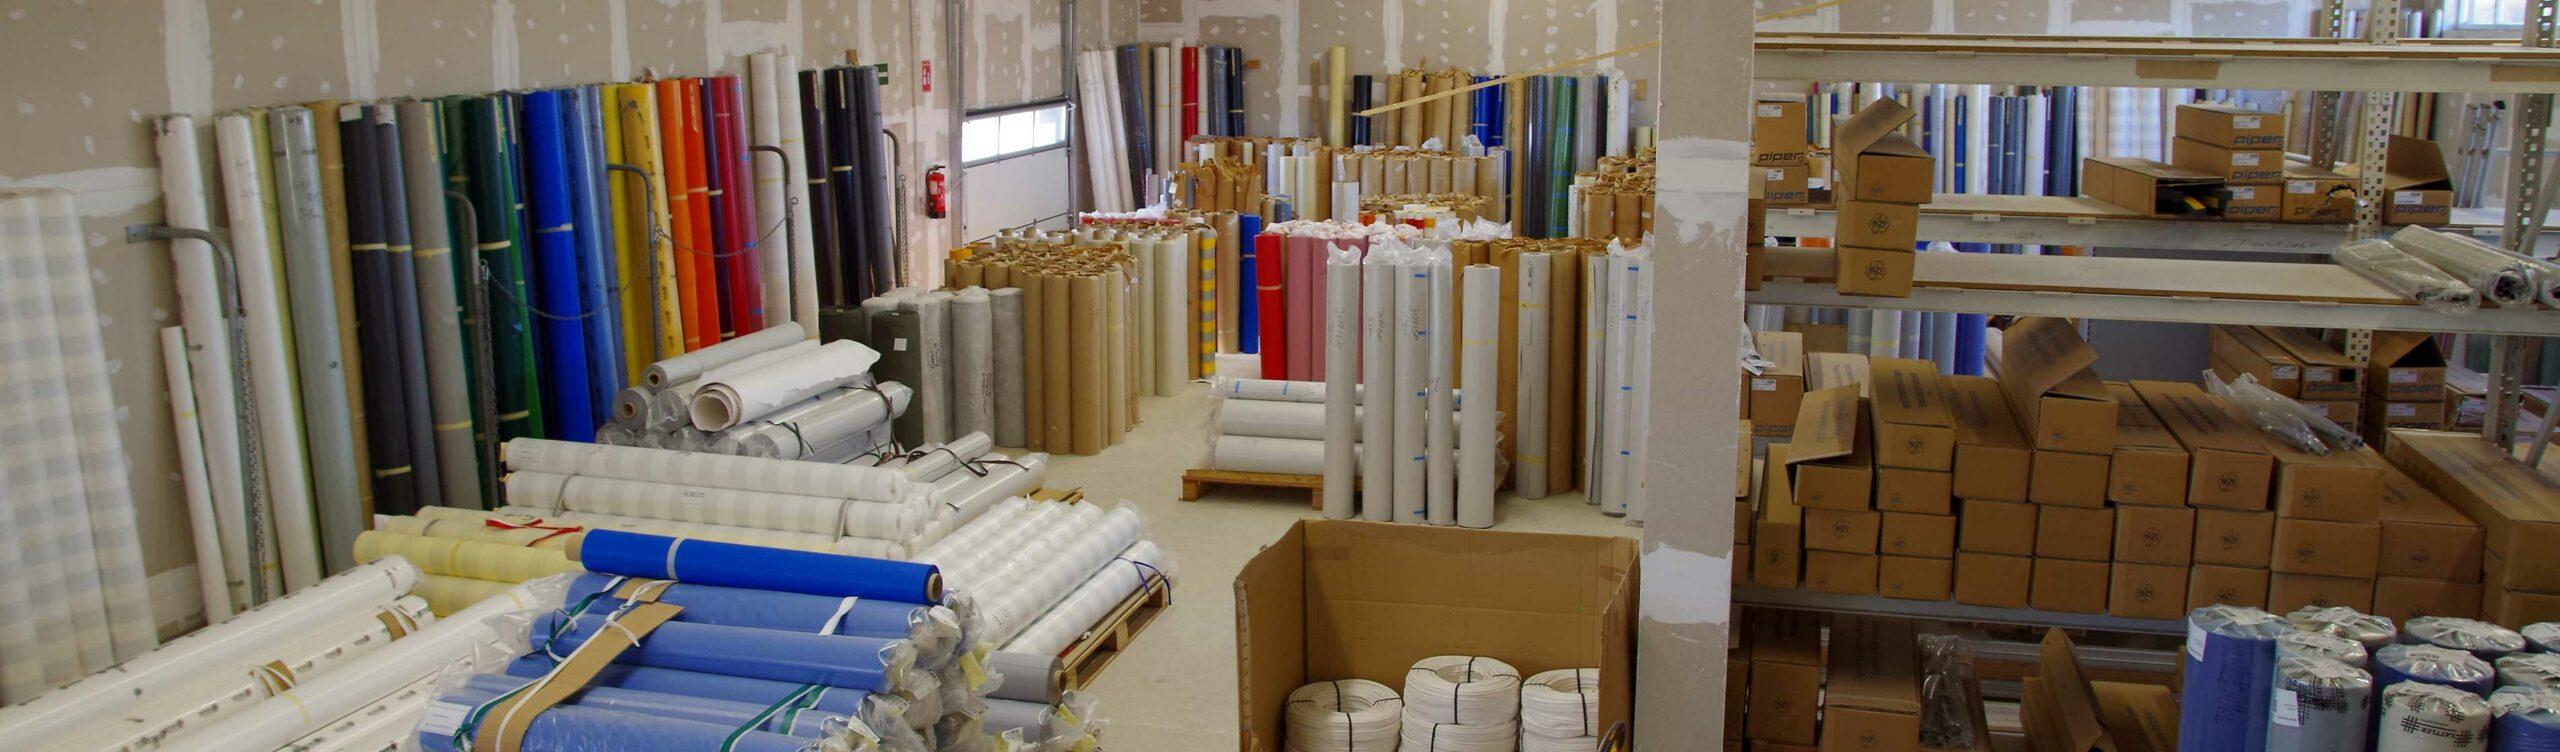 Produktionshalle für Gewebe